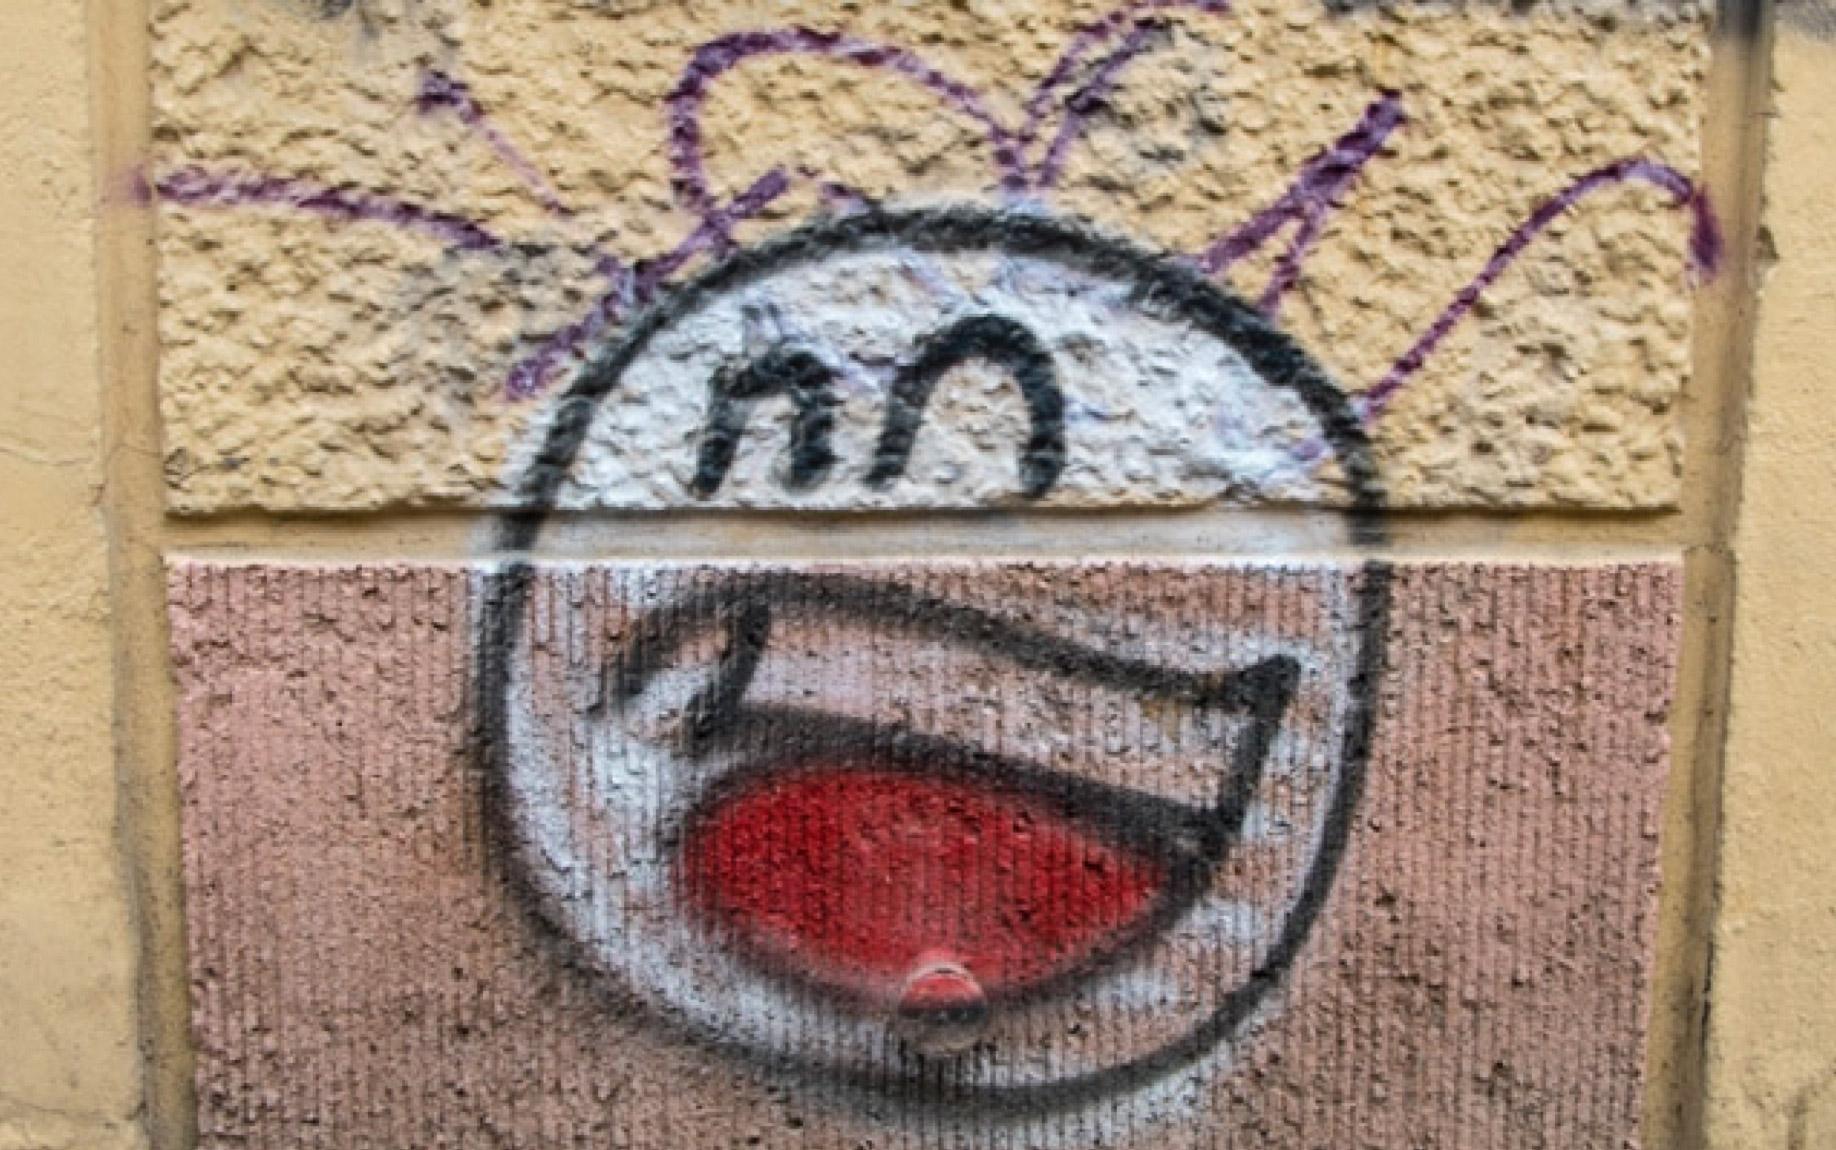 Prost Street Art in Berlin lachende Gesichter